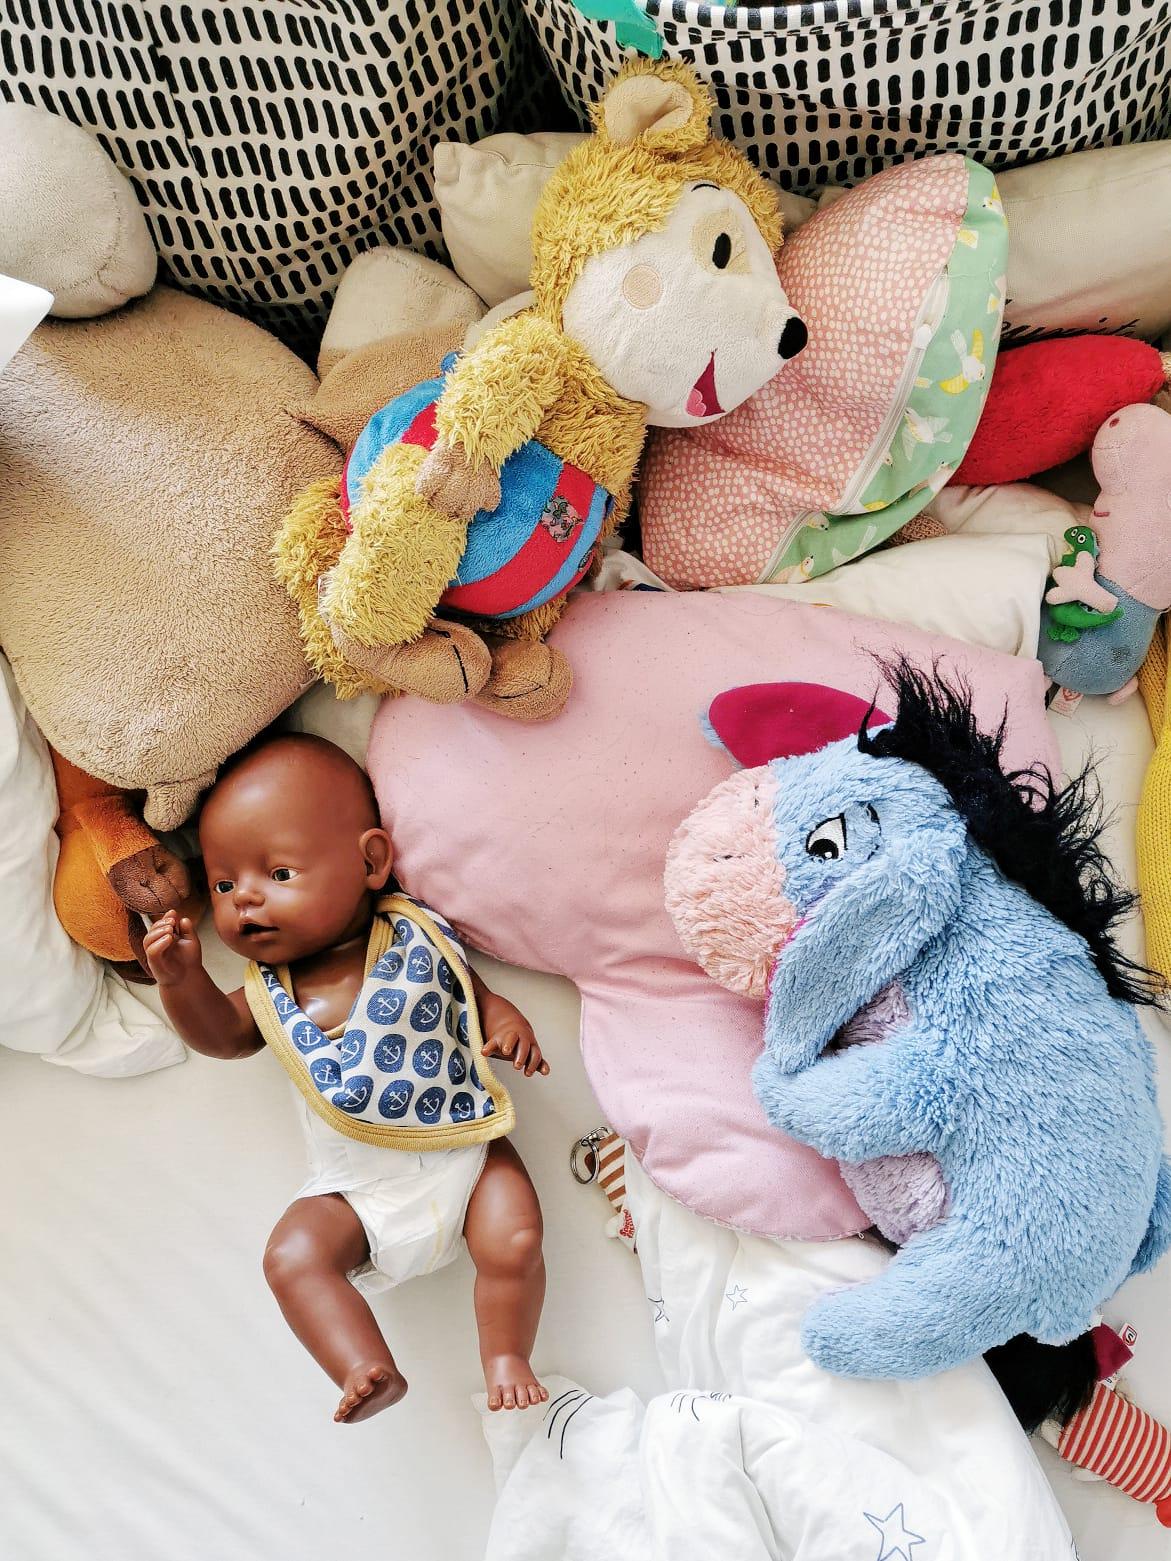 Kinderbuchempfehlungen für mehr Diversität